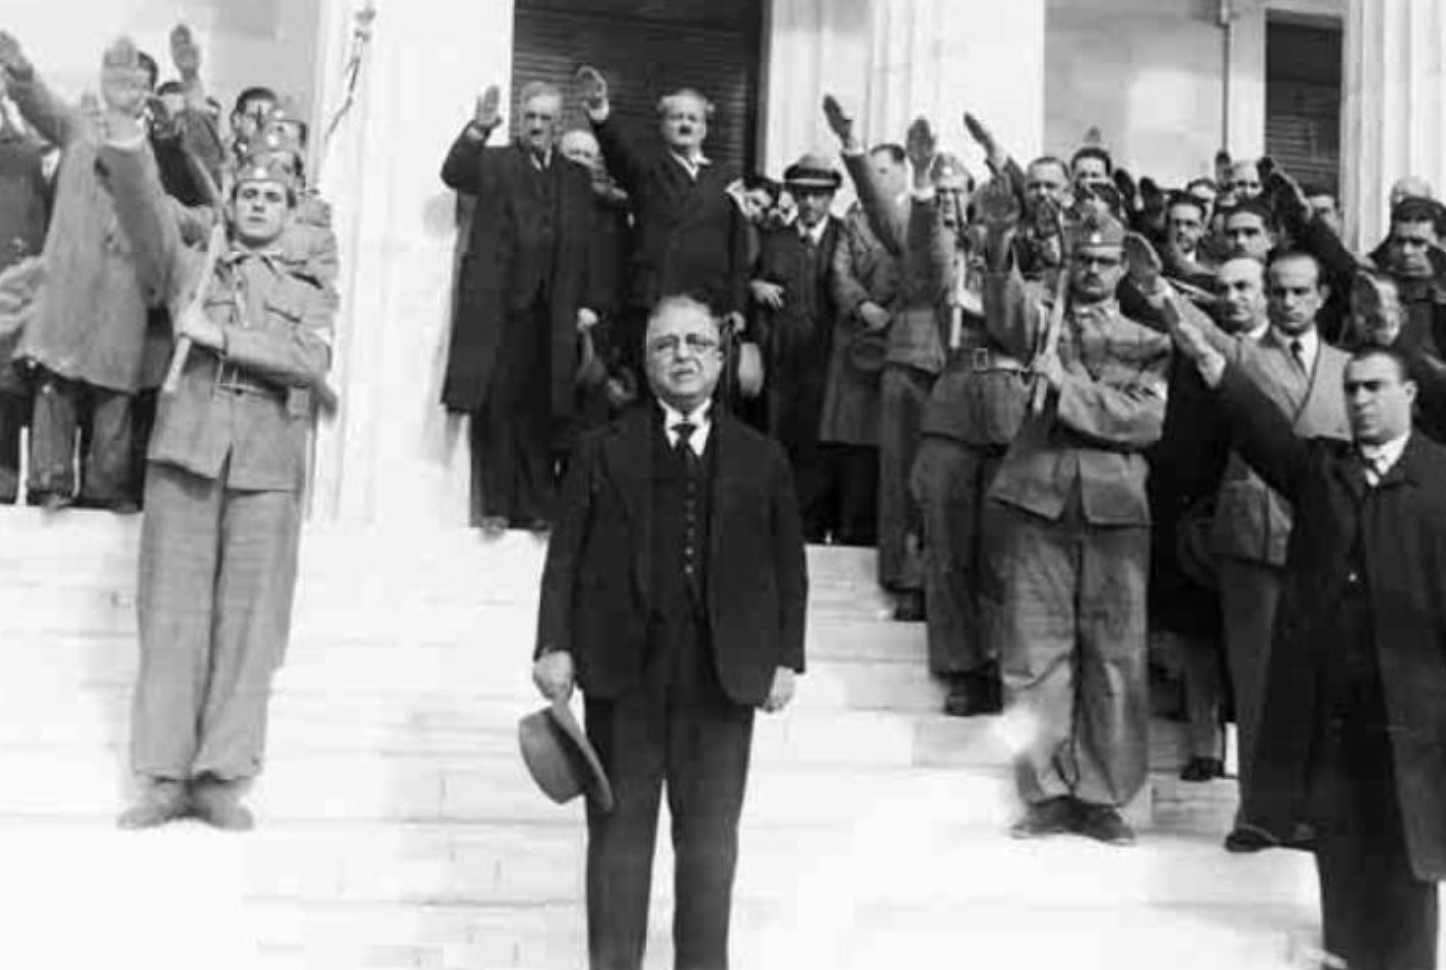 Δικτατορία 4ης Αυγούστου: Το καθεστώς Μεταξά και ο ρόλος του Παλατιού